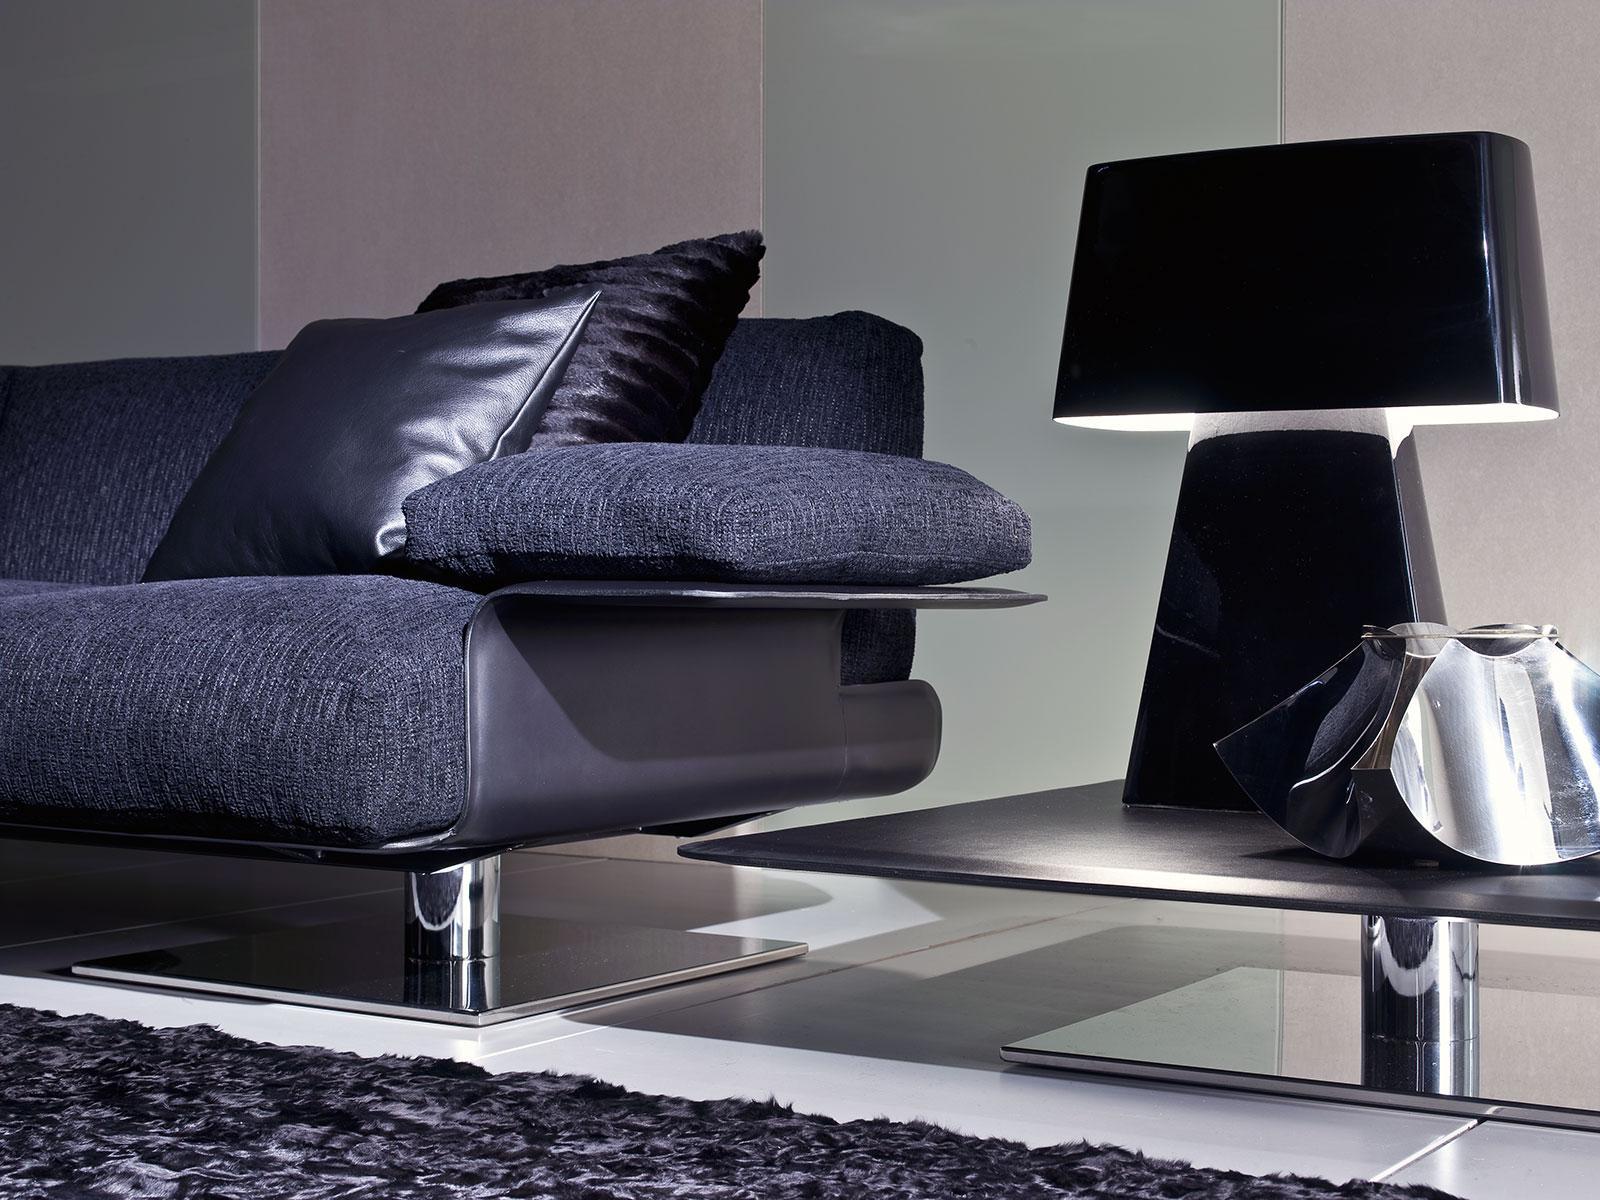 Luxury Furniture Stores Online Luxury Girls Bedroom Sets About Remodel Online Furniture Stores